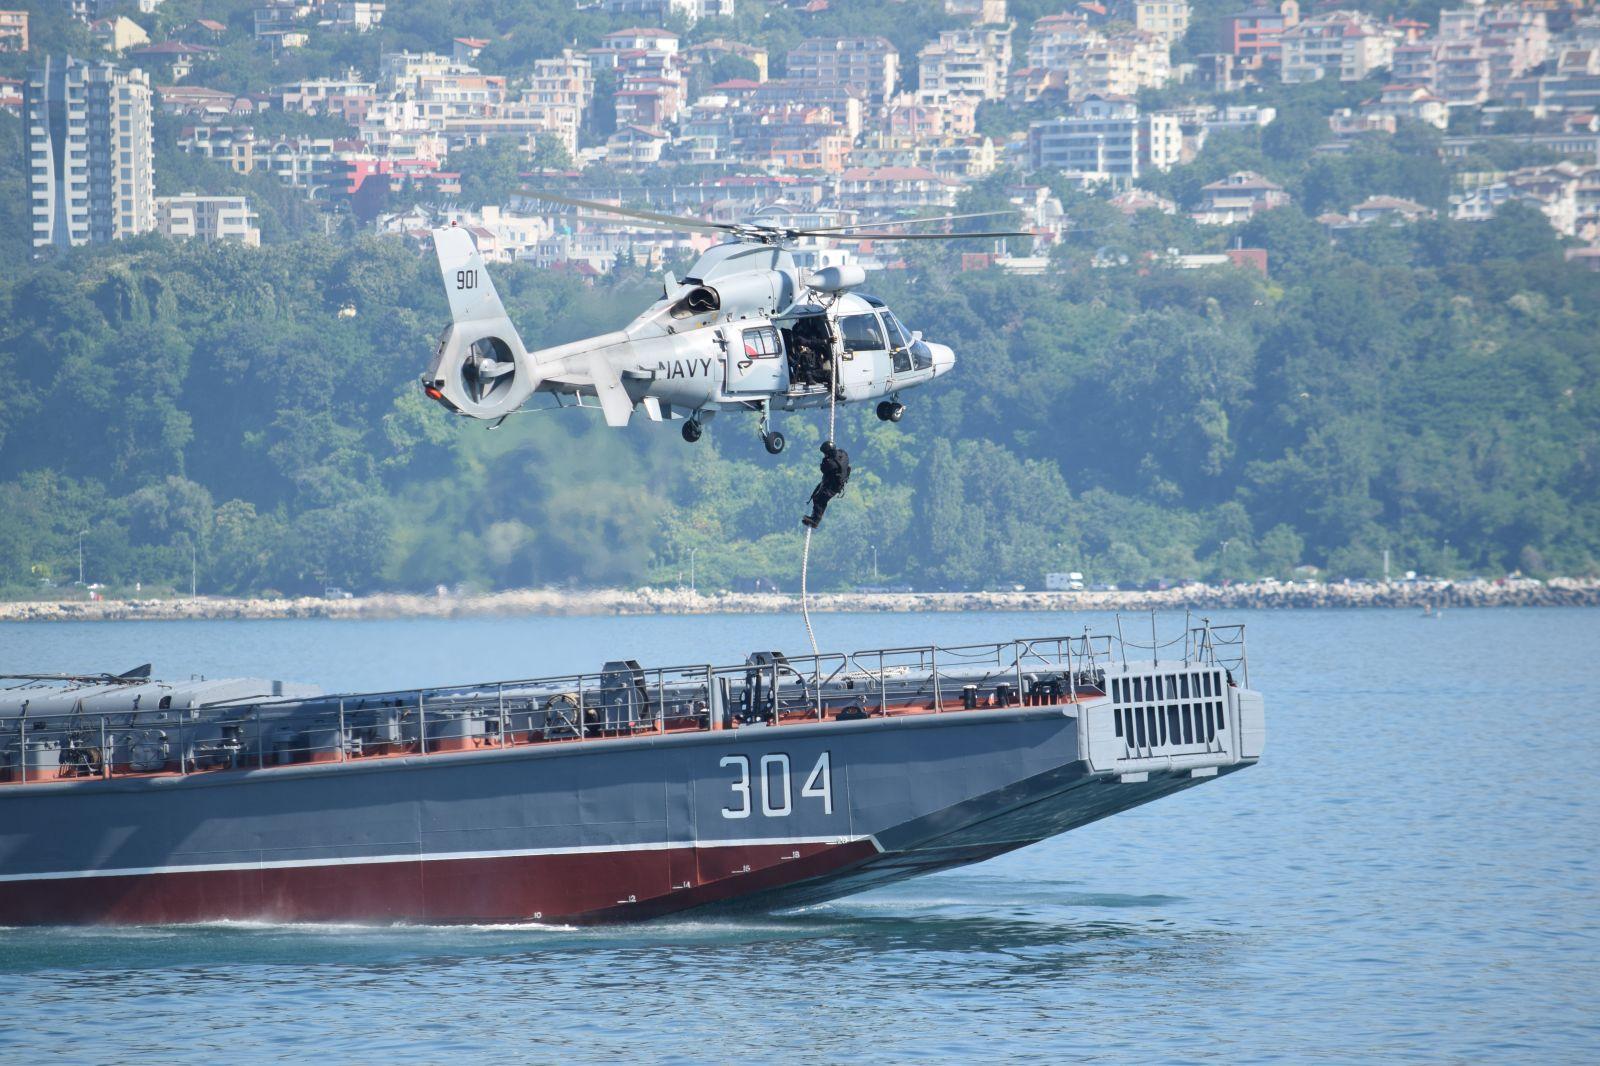 """Учението """"Бриз 2021"""" - Епизод 2 с участието на МСРО """"Тихина"""" и вертолет от авиобаза """"Чайка"""" - """"Овладяване на превзет от пирати кораб"""" (ГОЛЯМА ЕКСКЛУЗИВНА ЕКШЪН ГАЛЕРИЯ)"""